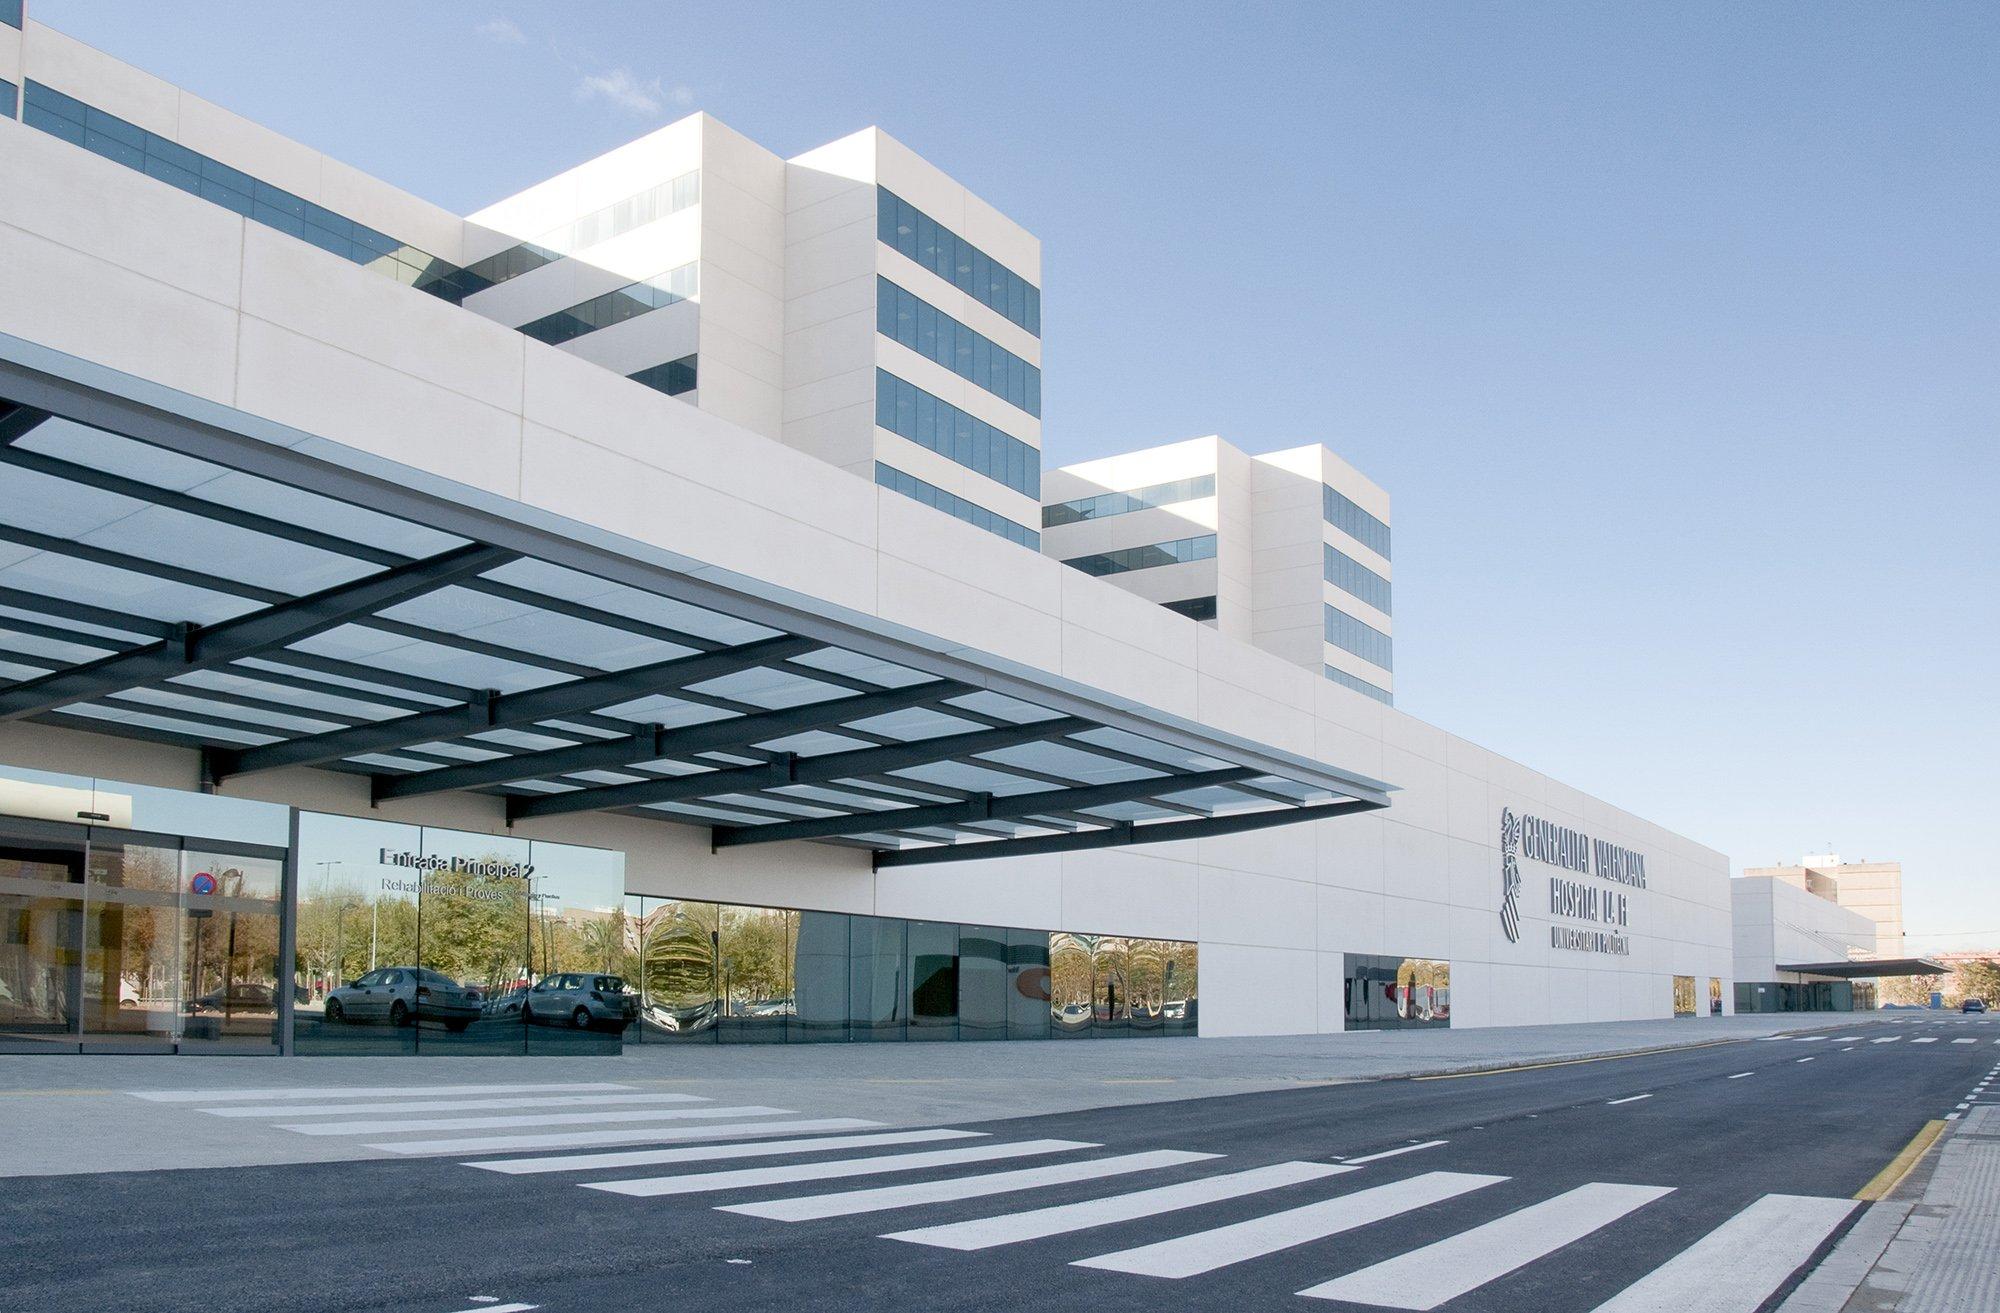 Emplazamiento promoci n torre patraix - Hospital nueva fe valencia ...